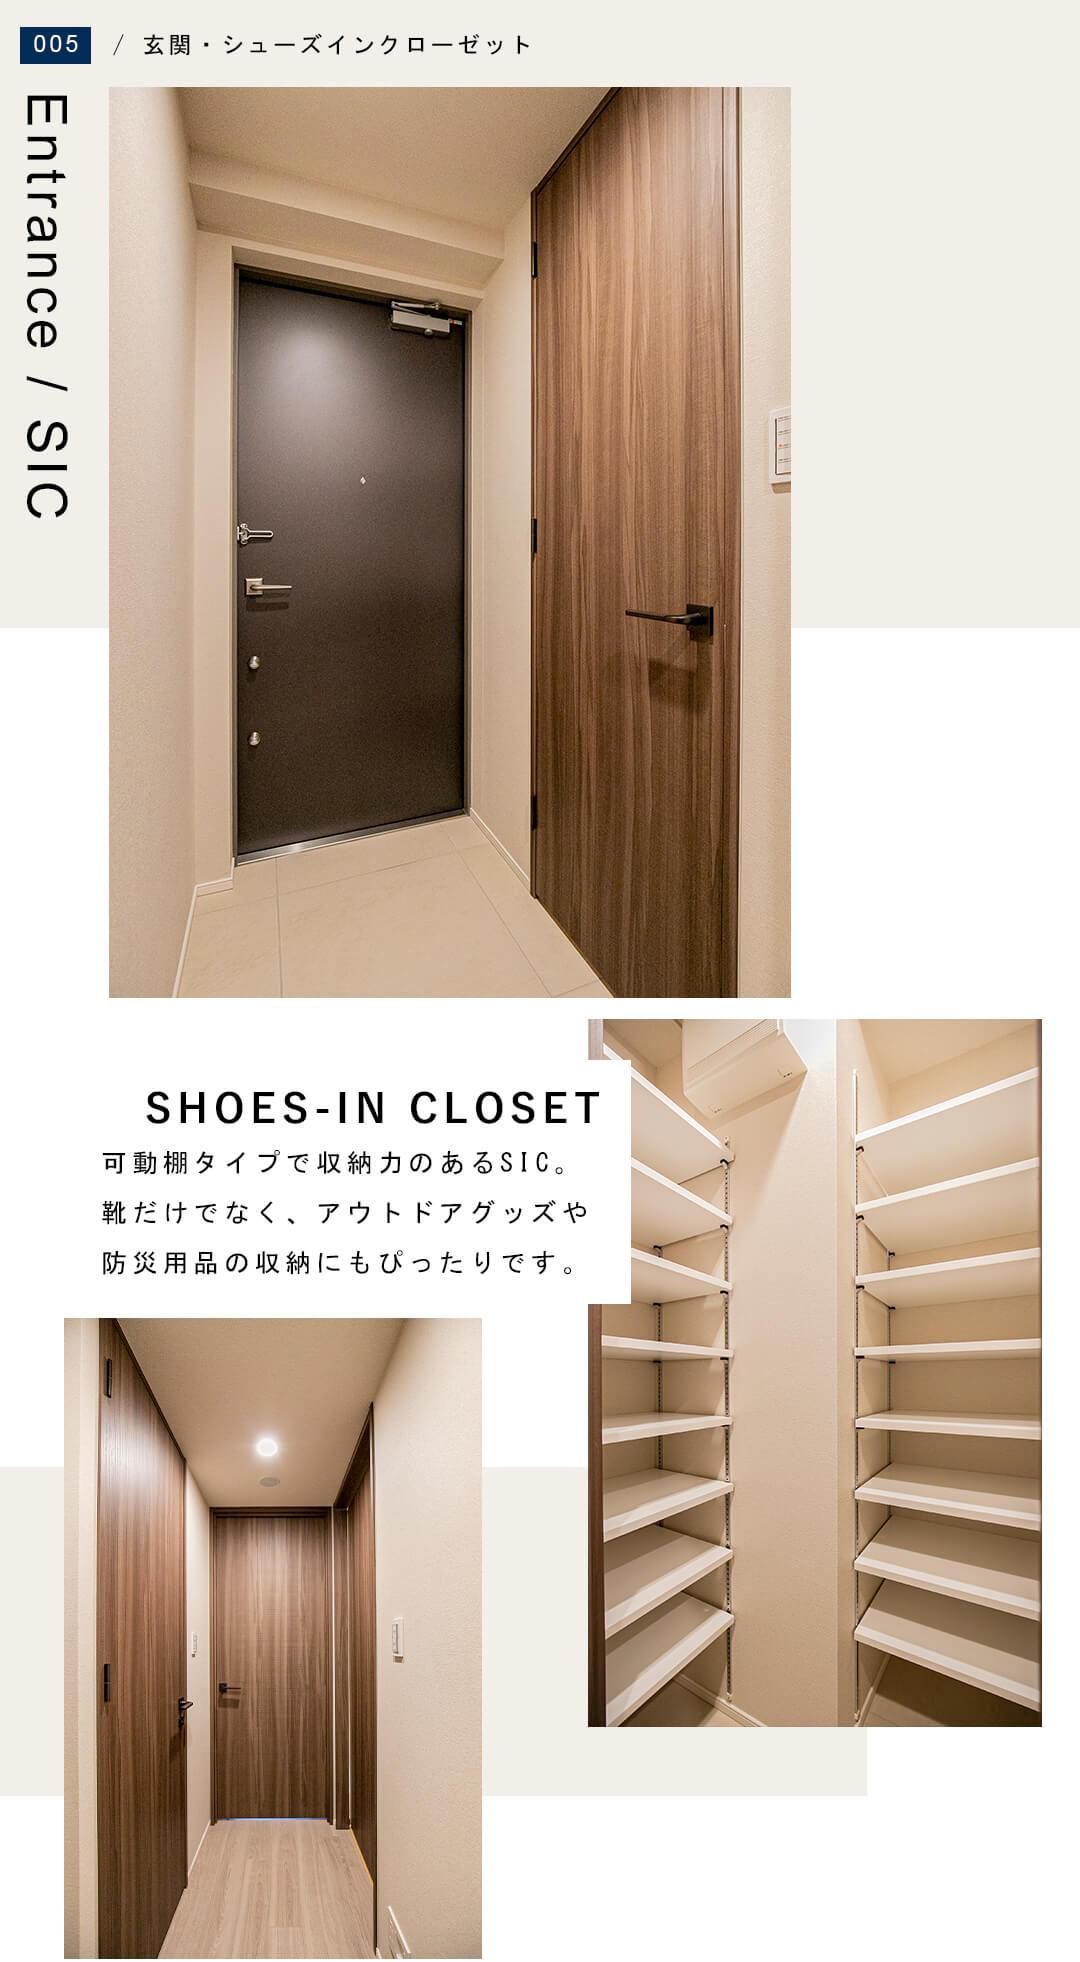 宮益坂ビルディングザ・渋谷レジデンスの玄関とシューズインクローゼット